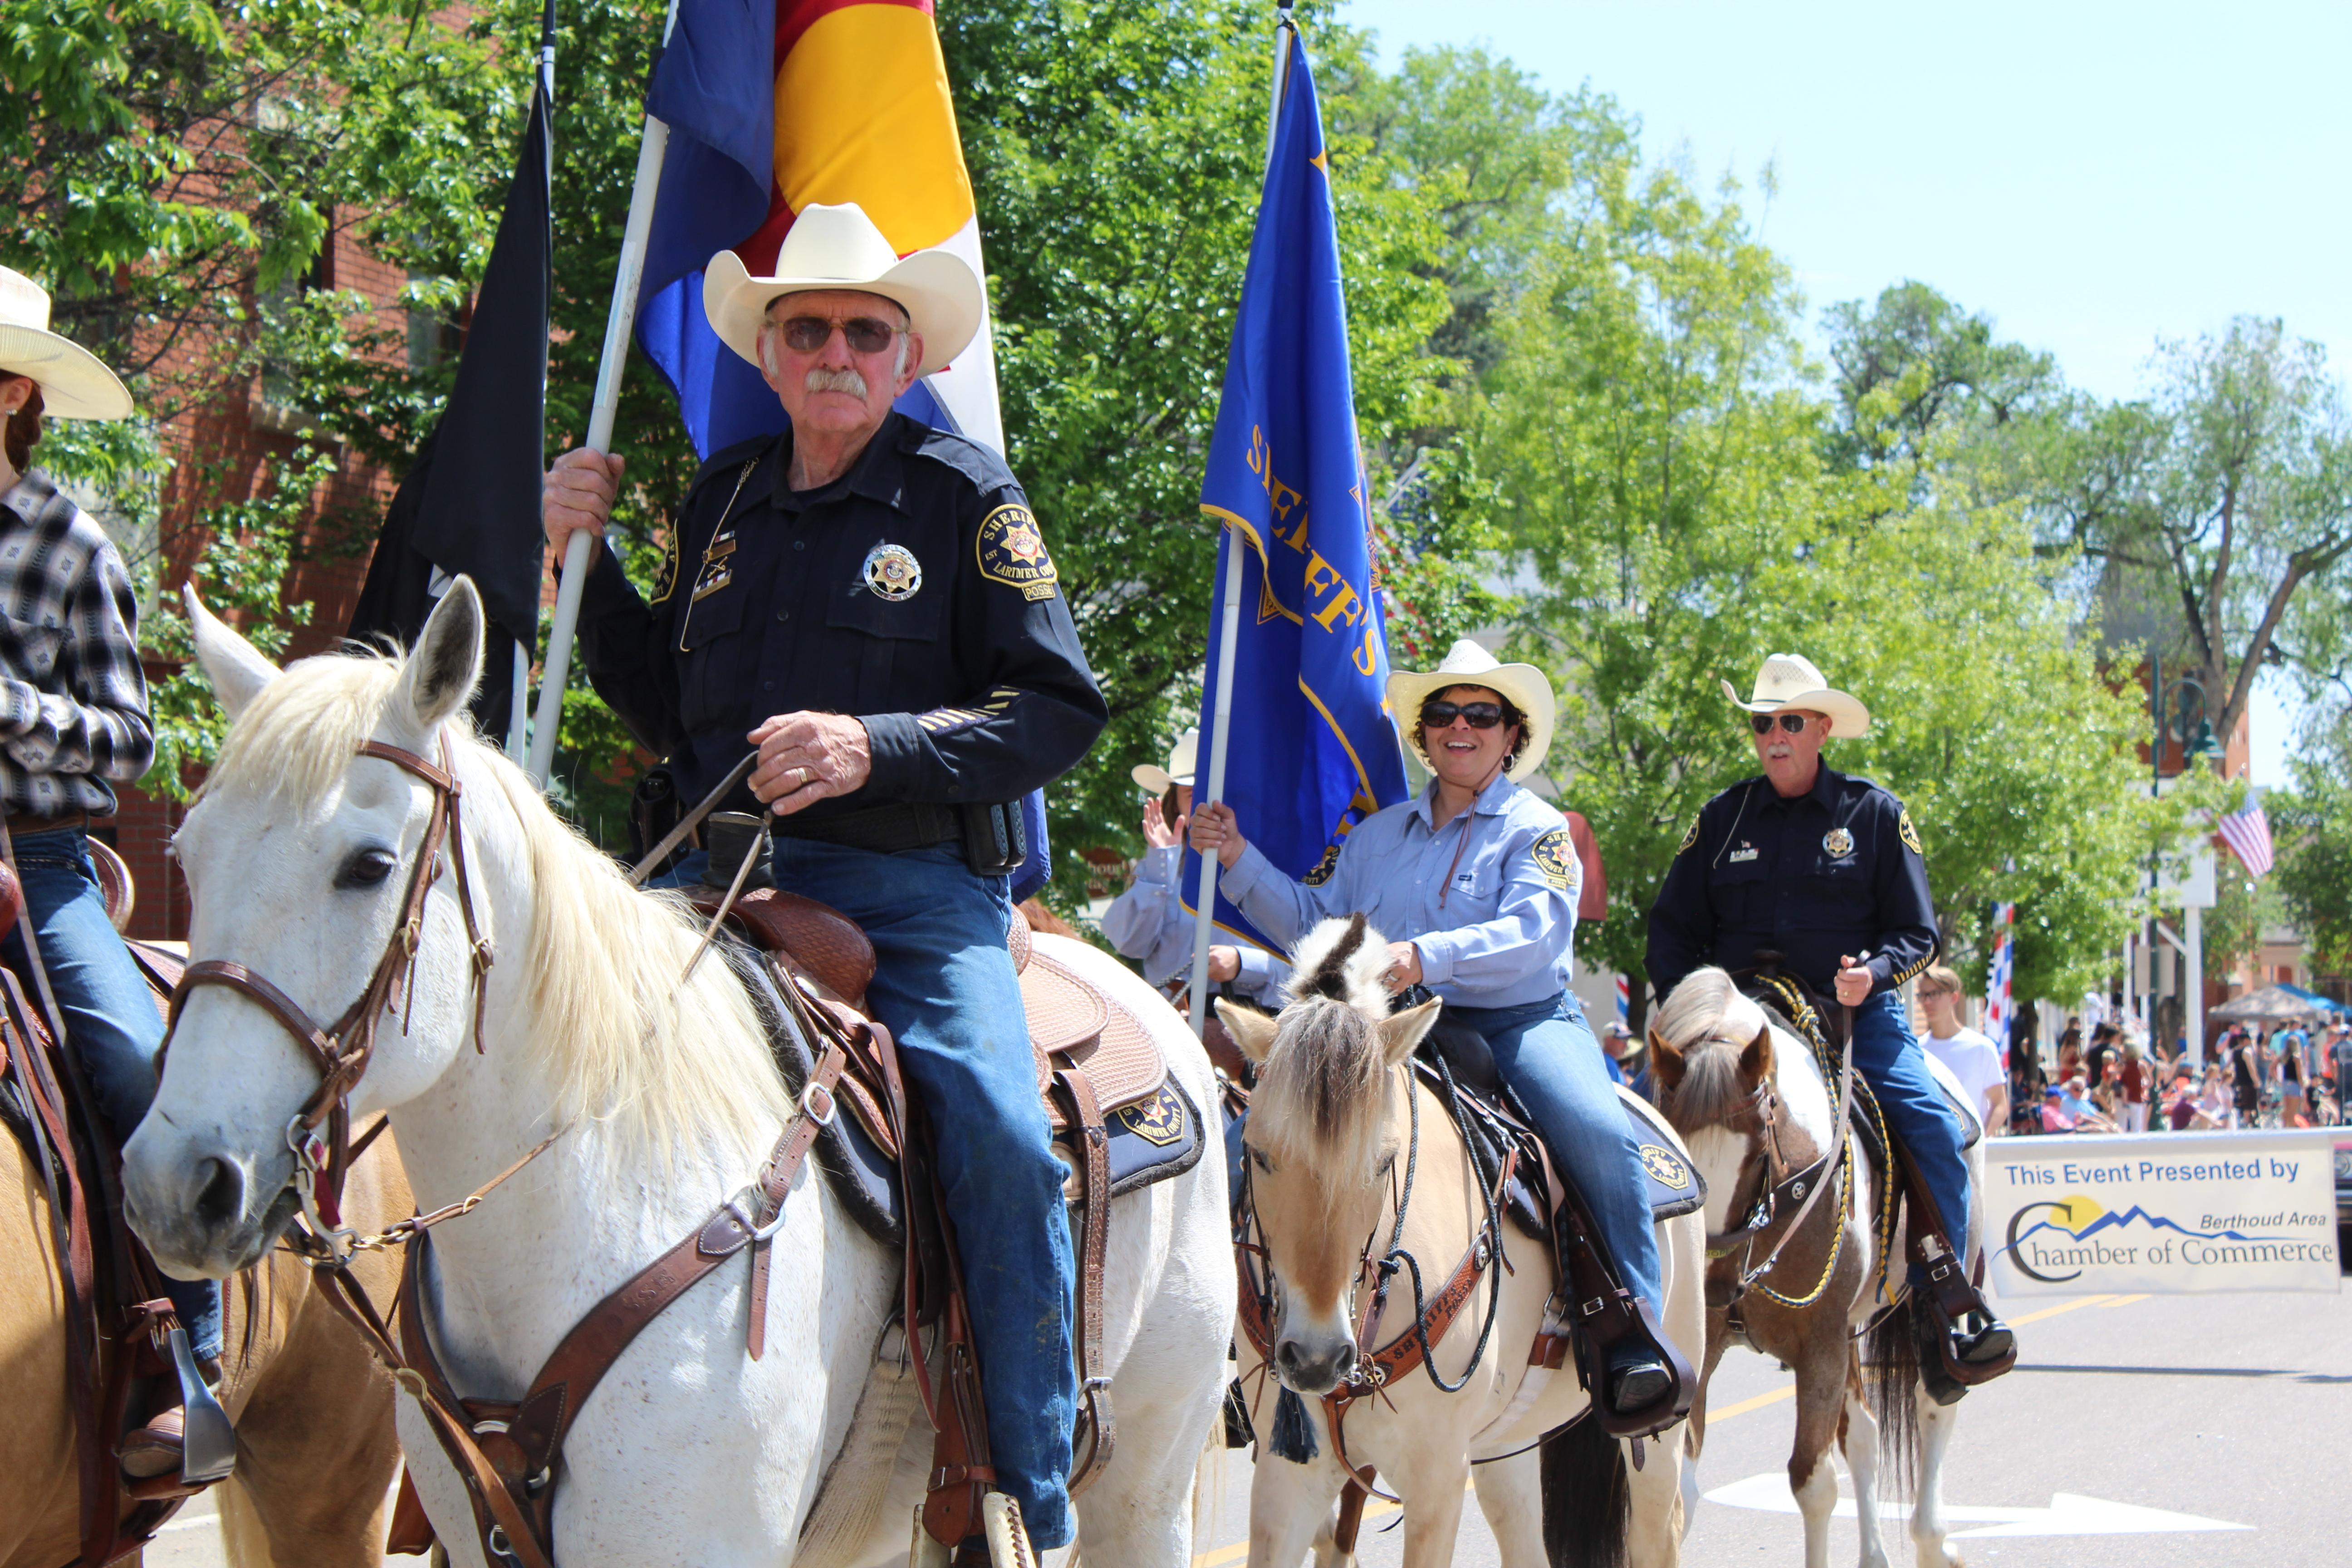 Imagen 15: Posse del Sheriff